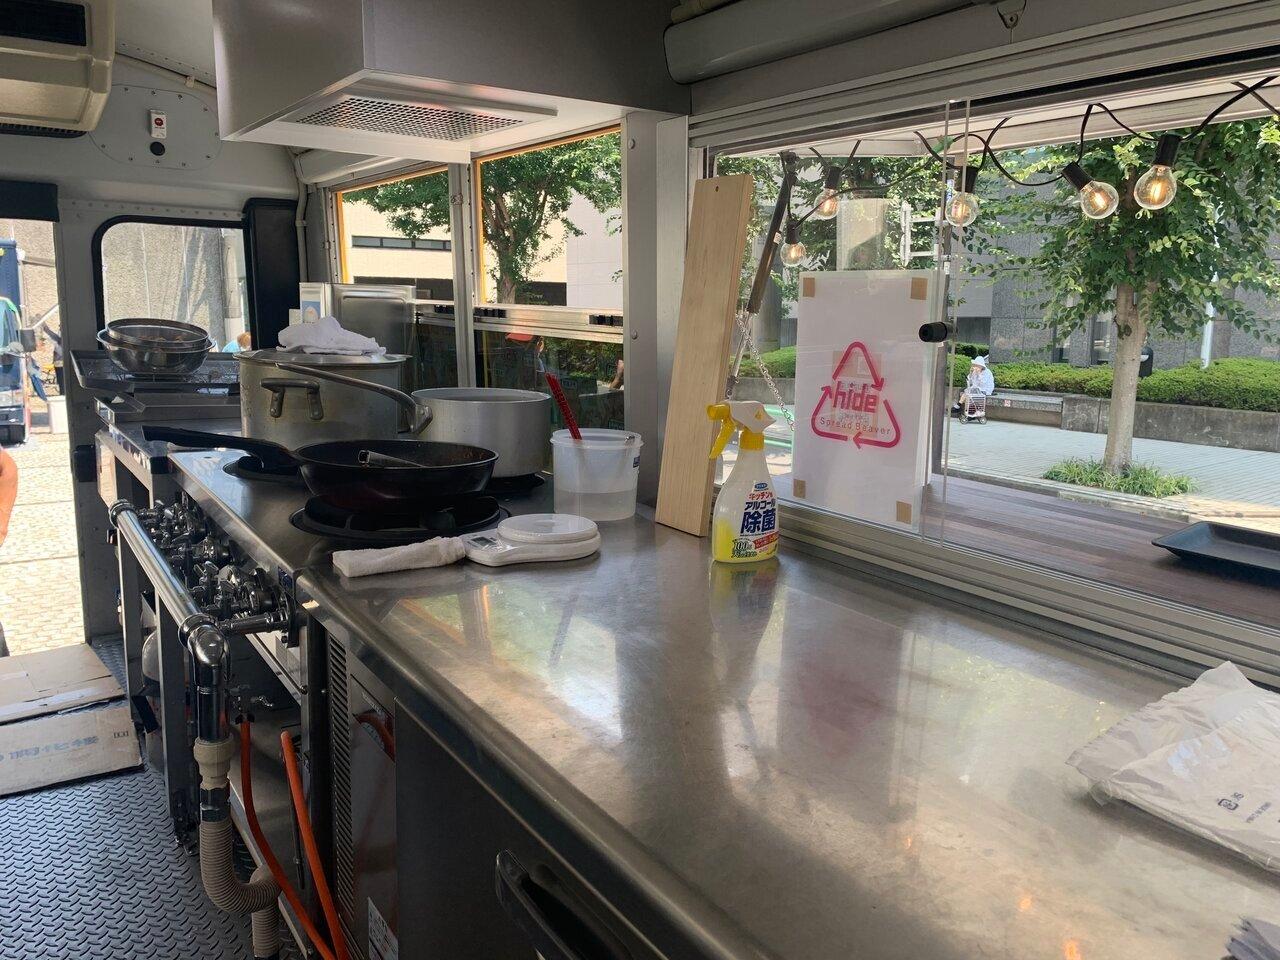 何が変わった!?キッチンカーに関する保健所の営業許可・食品衛生法(7月14日更新) - Foodtruck magazine.